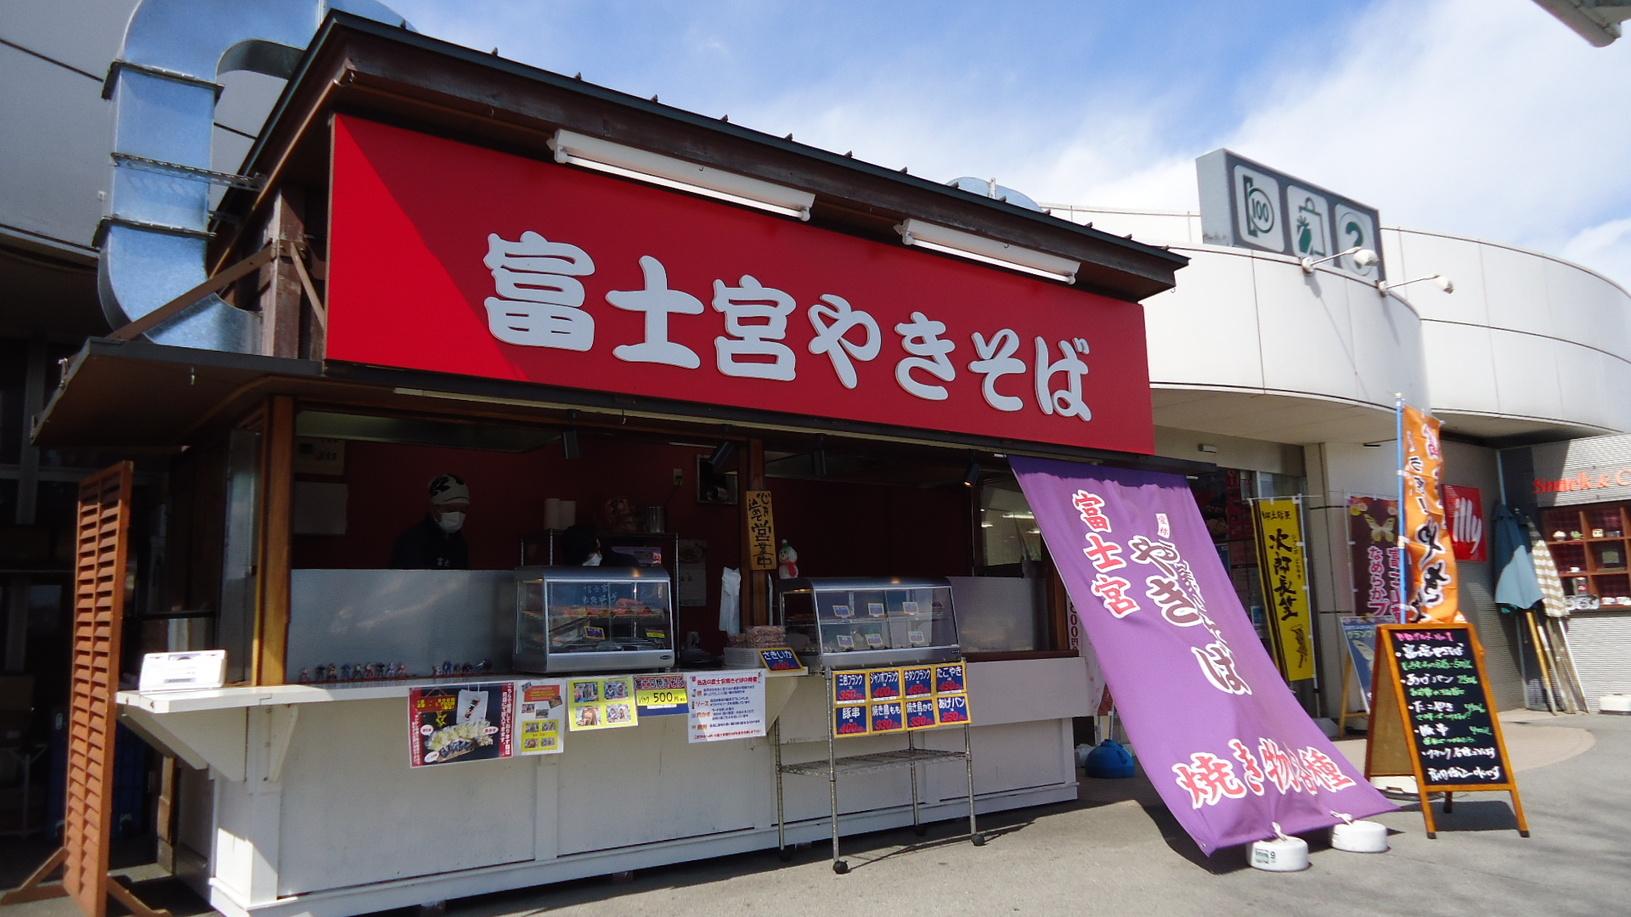 富士宮焼きそばコーナー 富士川SA(上り)